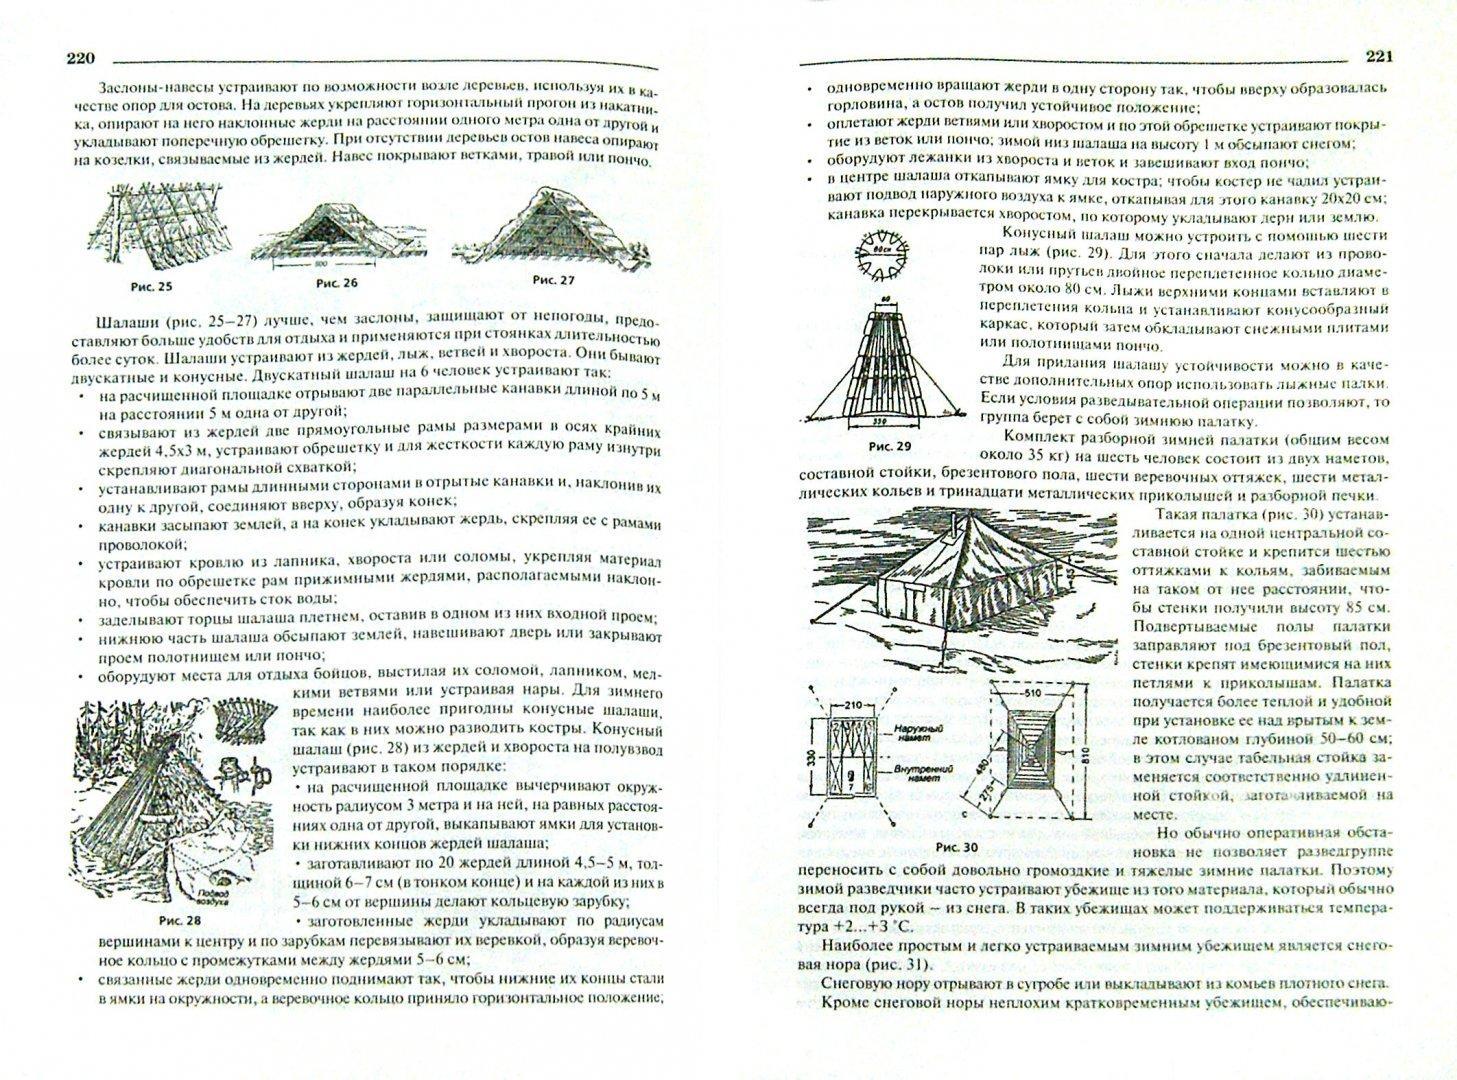 Иллюстрация 1 из 19 для Спецназ. Полный курс подготовки бойца - Виктор Попенко | Лабиринт - книги. Источник: Лабиринт